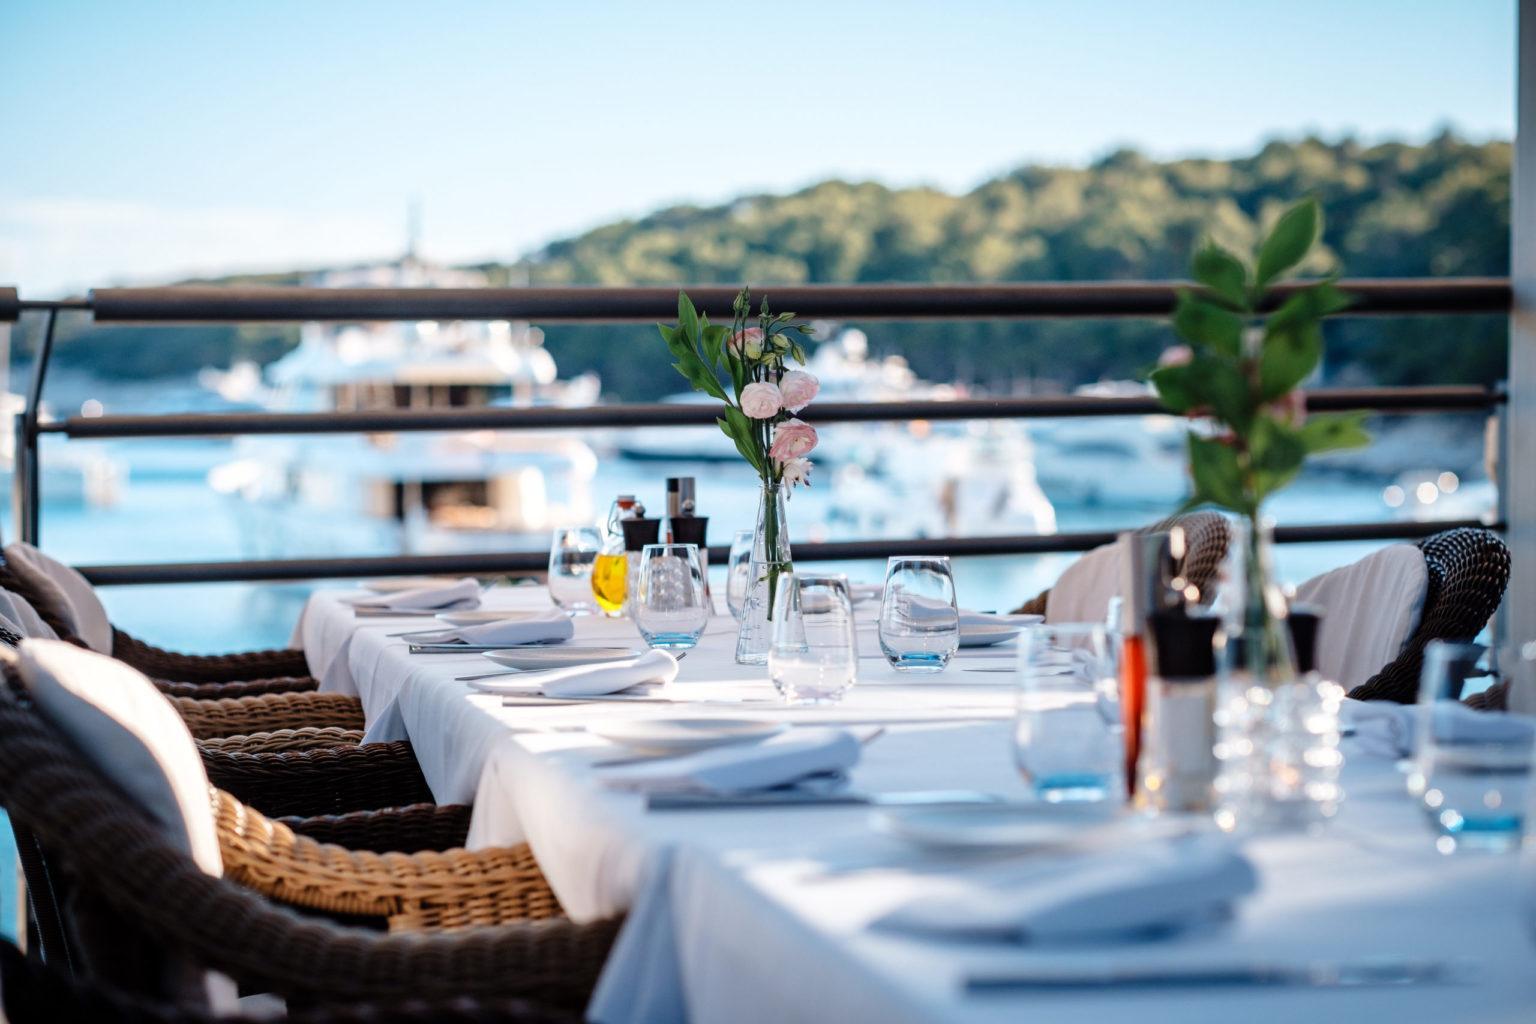 hochzeitslocation Kroatien location hochzeit heiraten 2 2 scaled - Highclass Beachclub